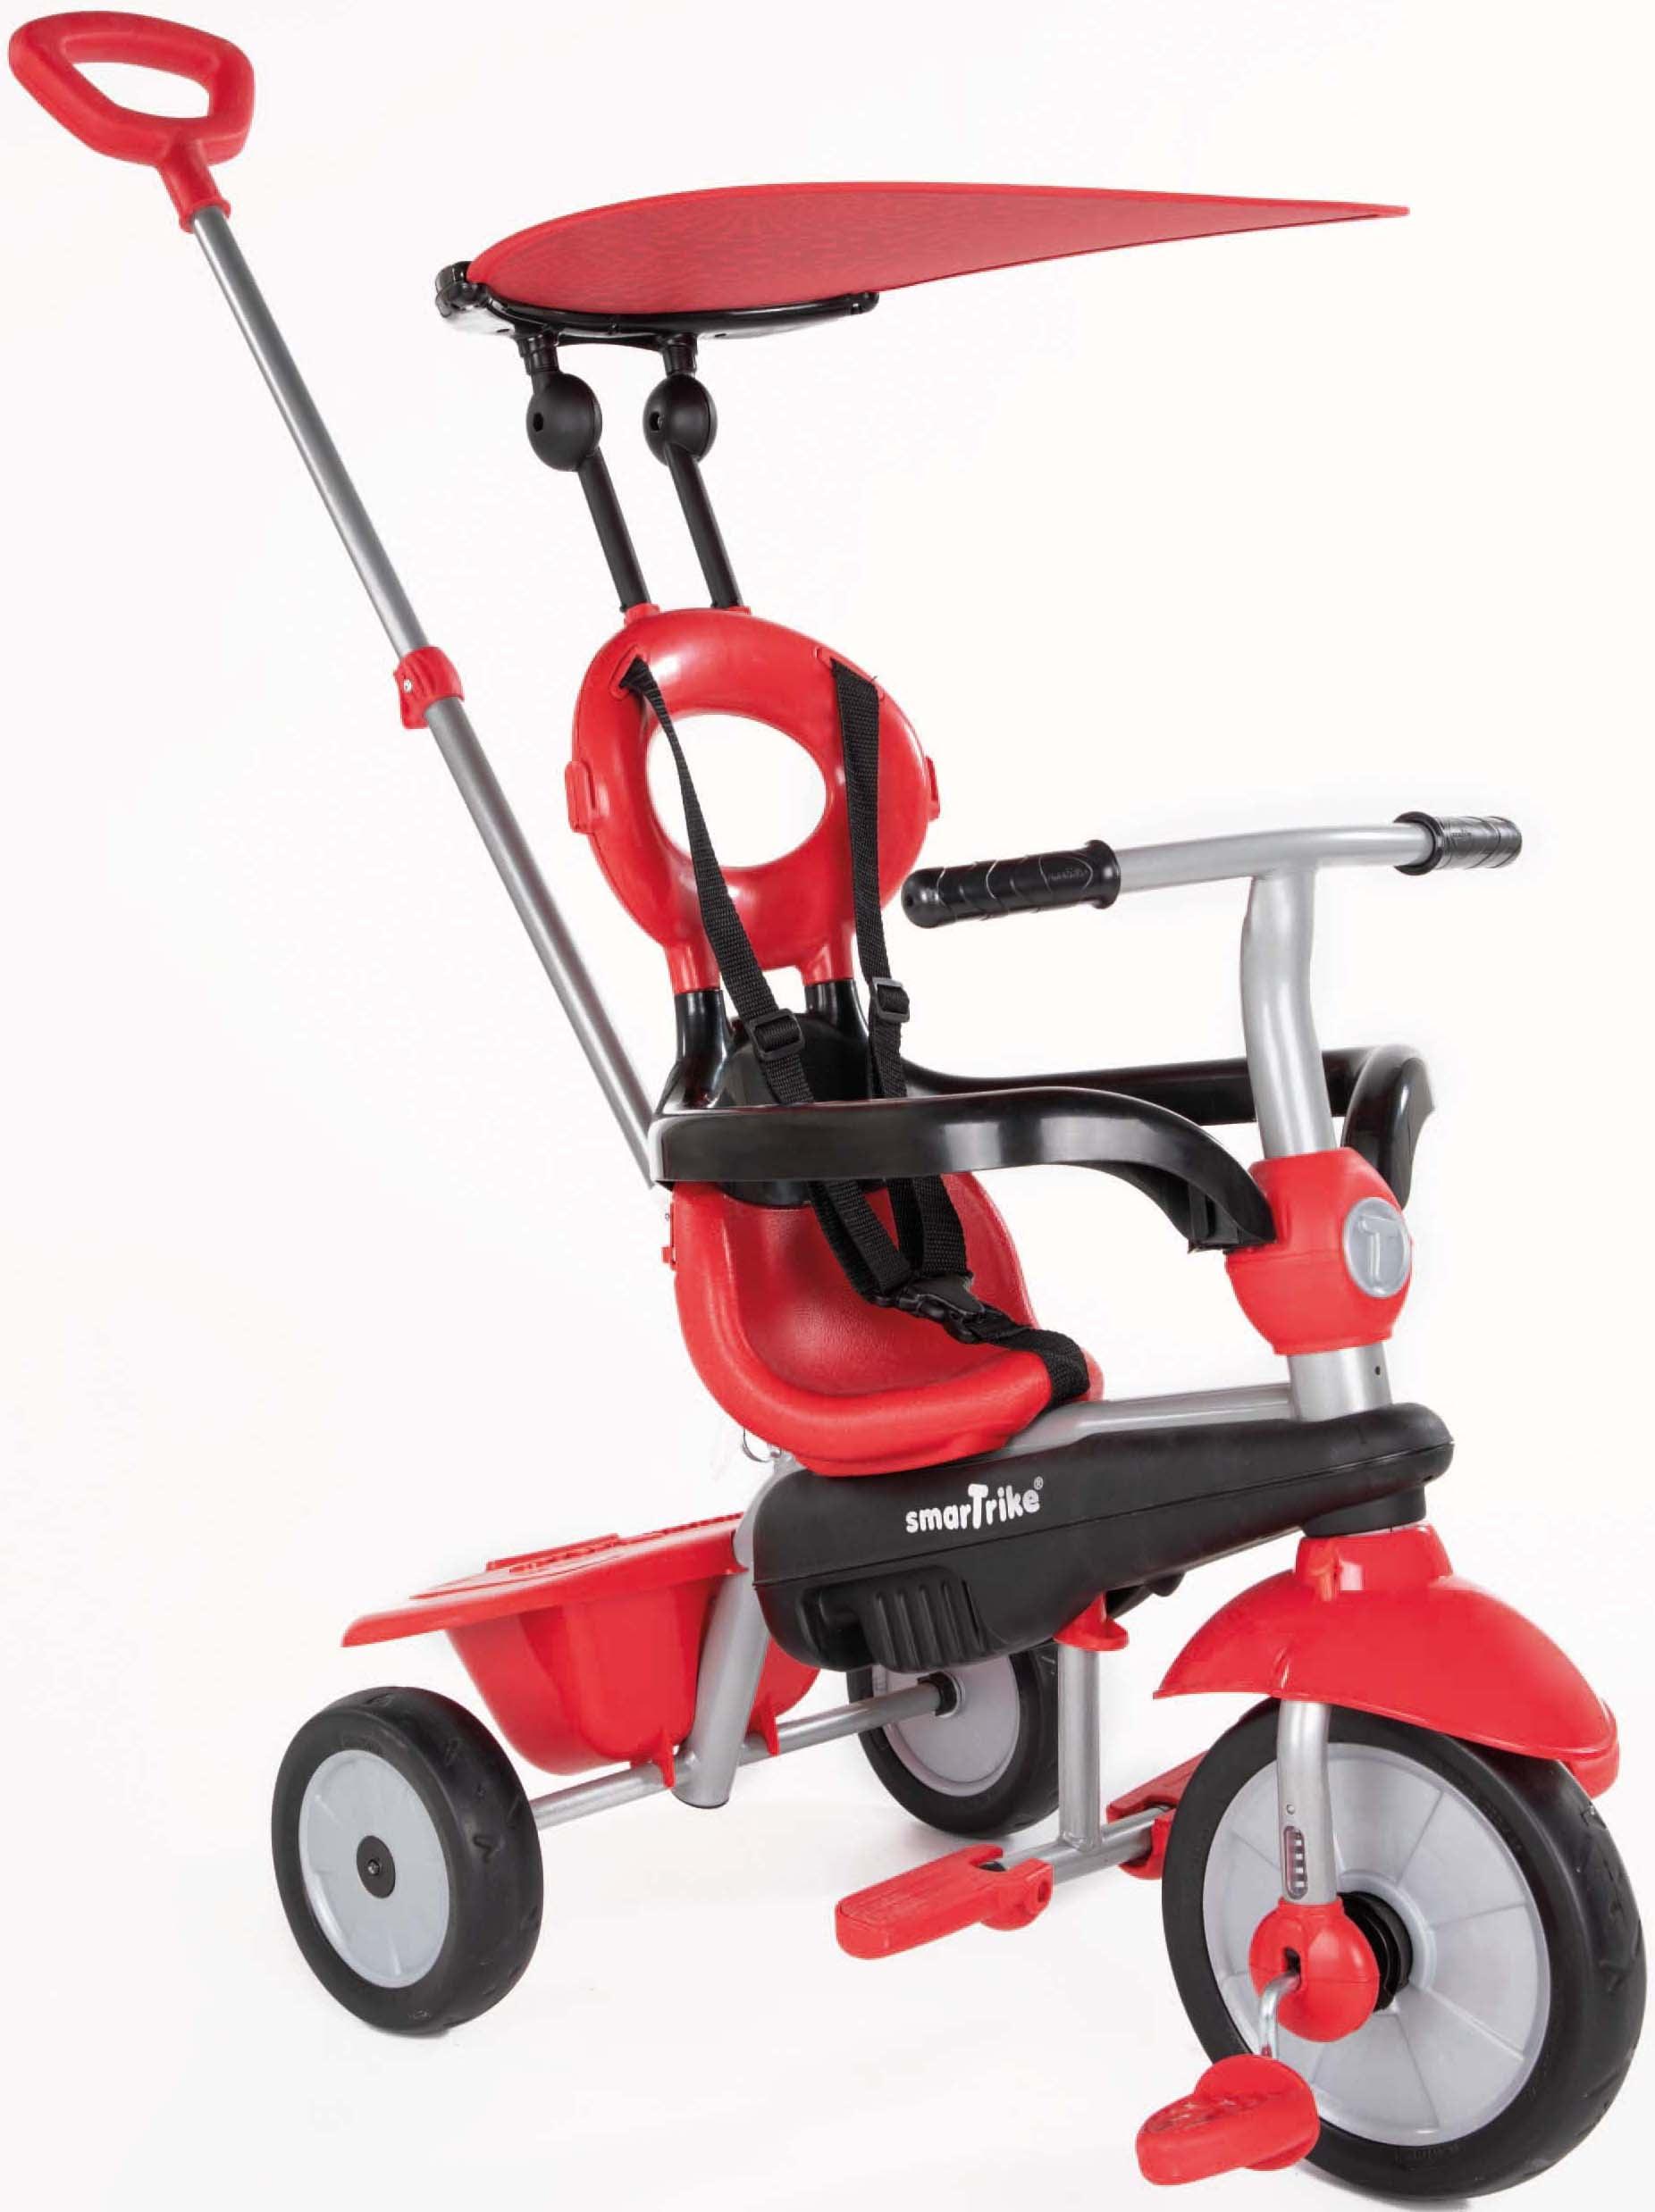 smarTrike Dreirad Zoom, Rot, mit Sonnenschutzdach rot Kinder Dreiräder Kinderfahrzeuge